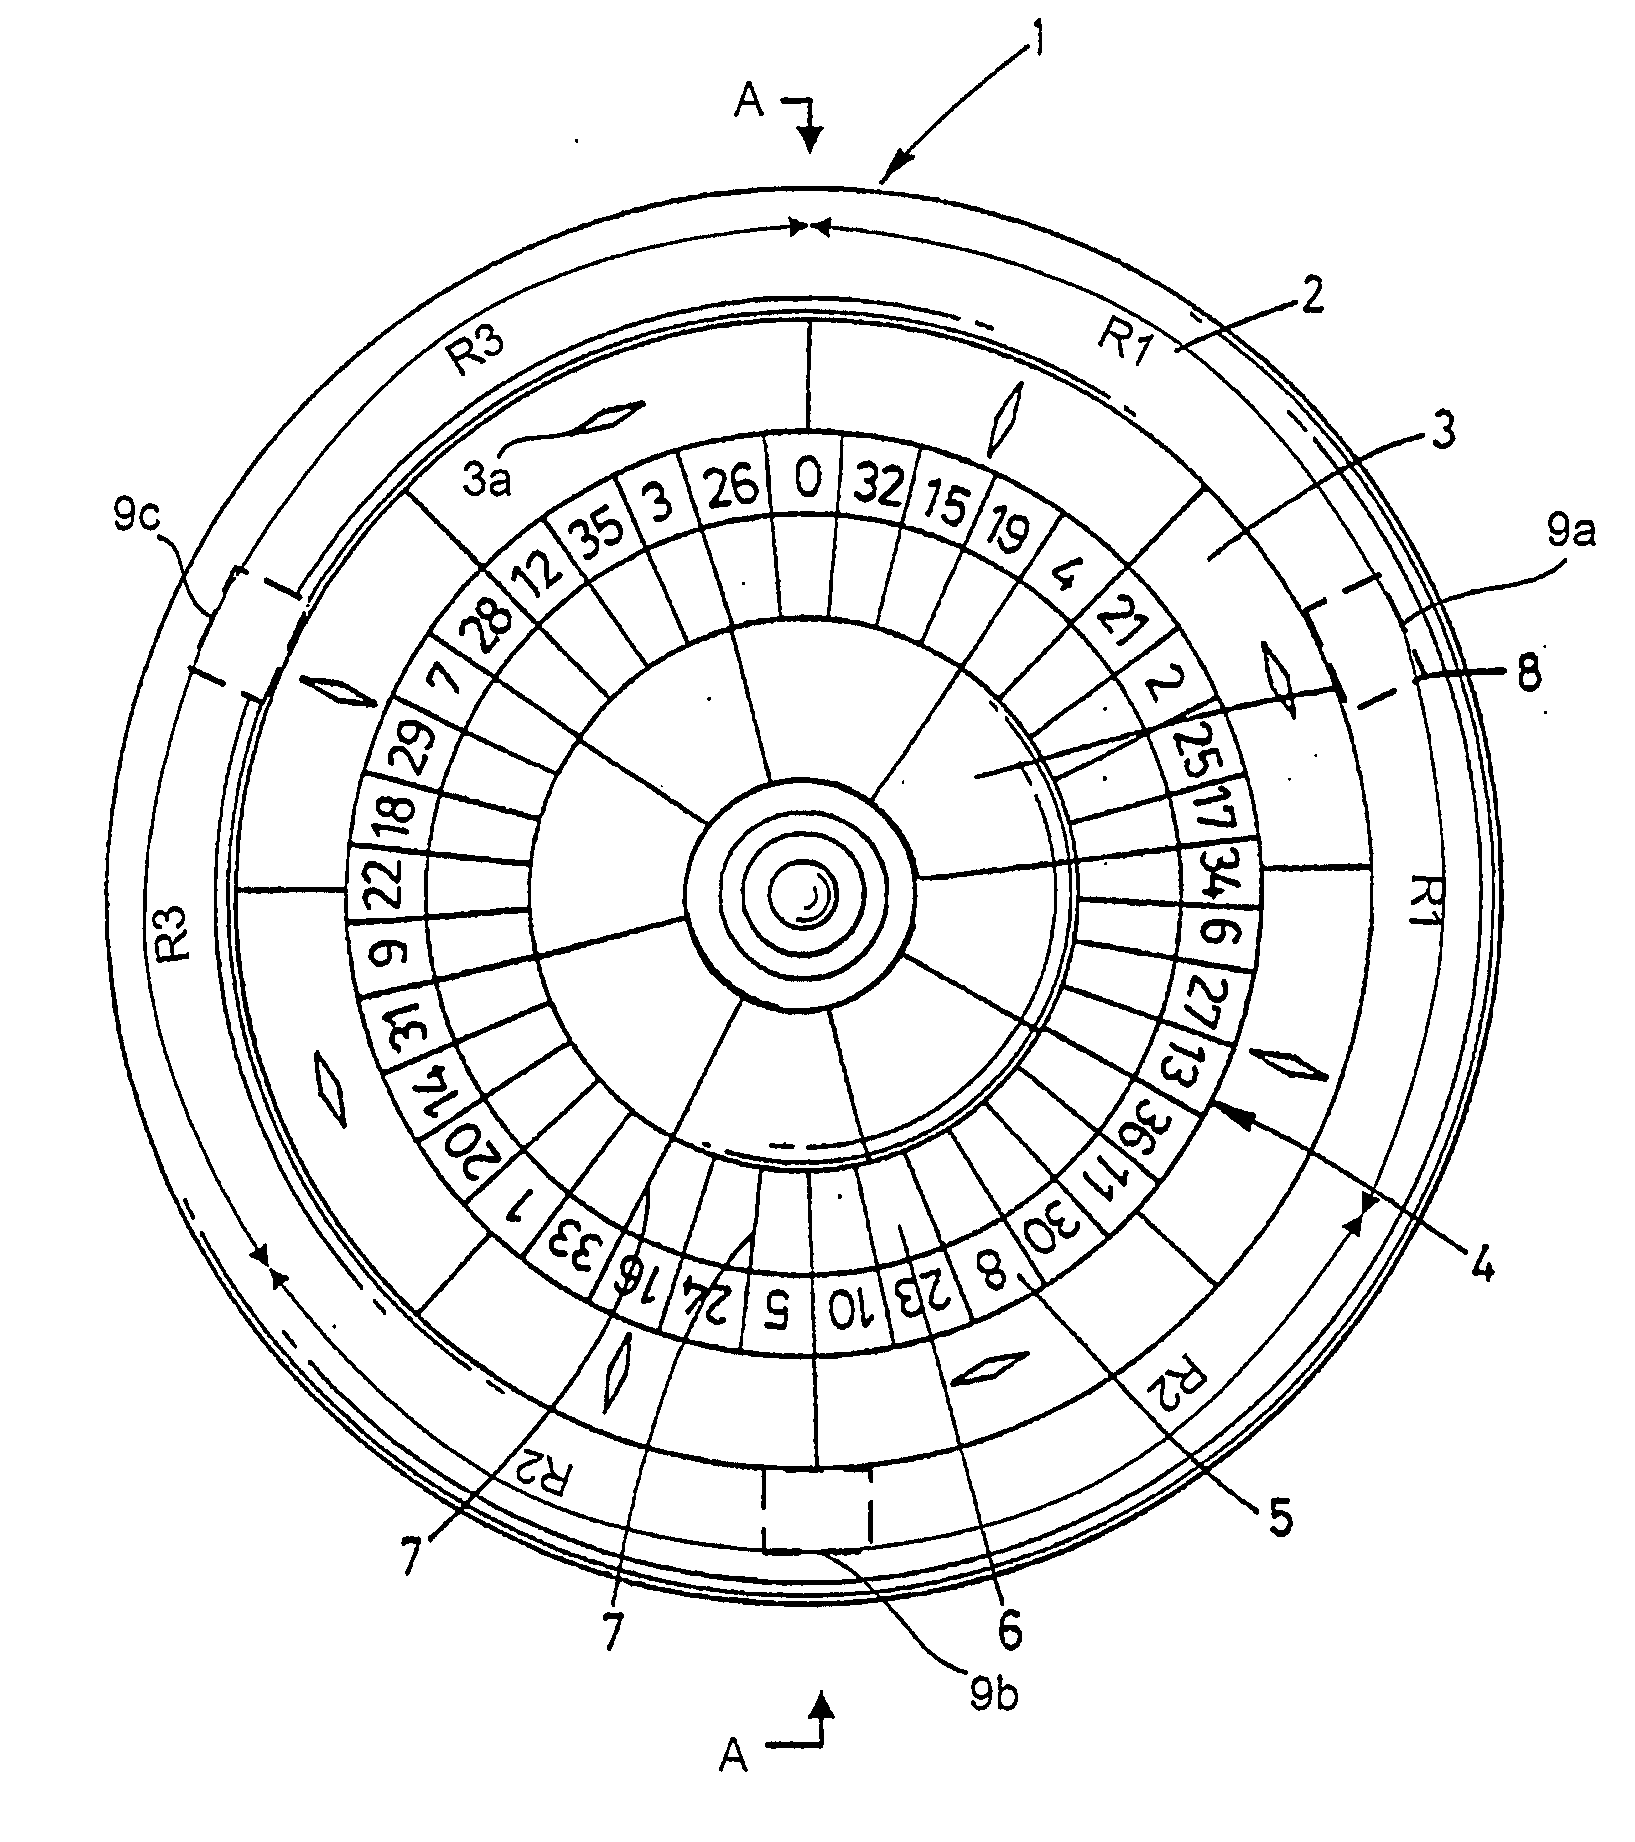 roulette schematics